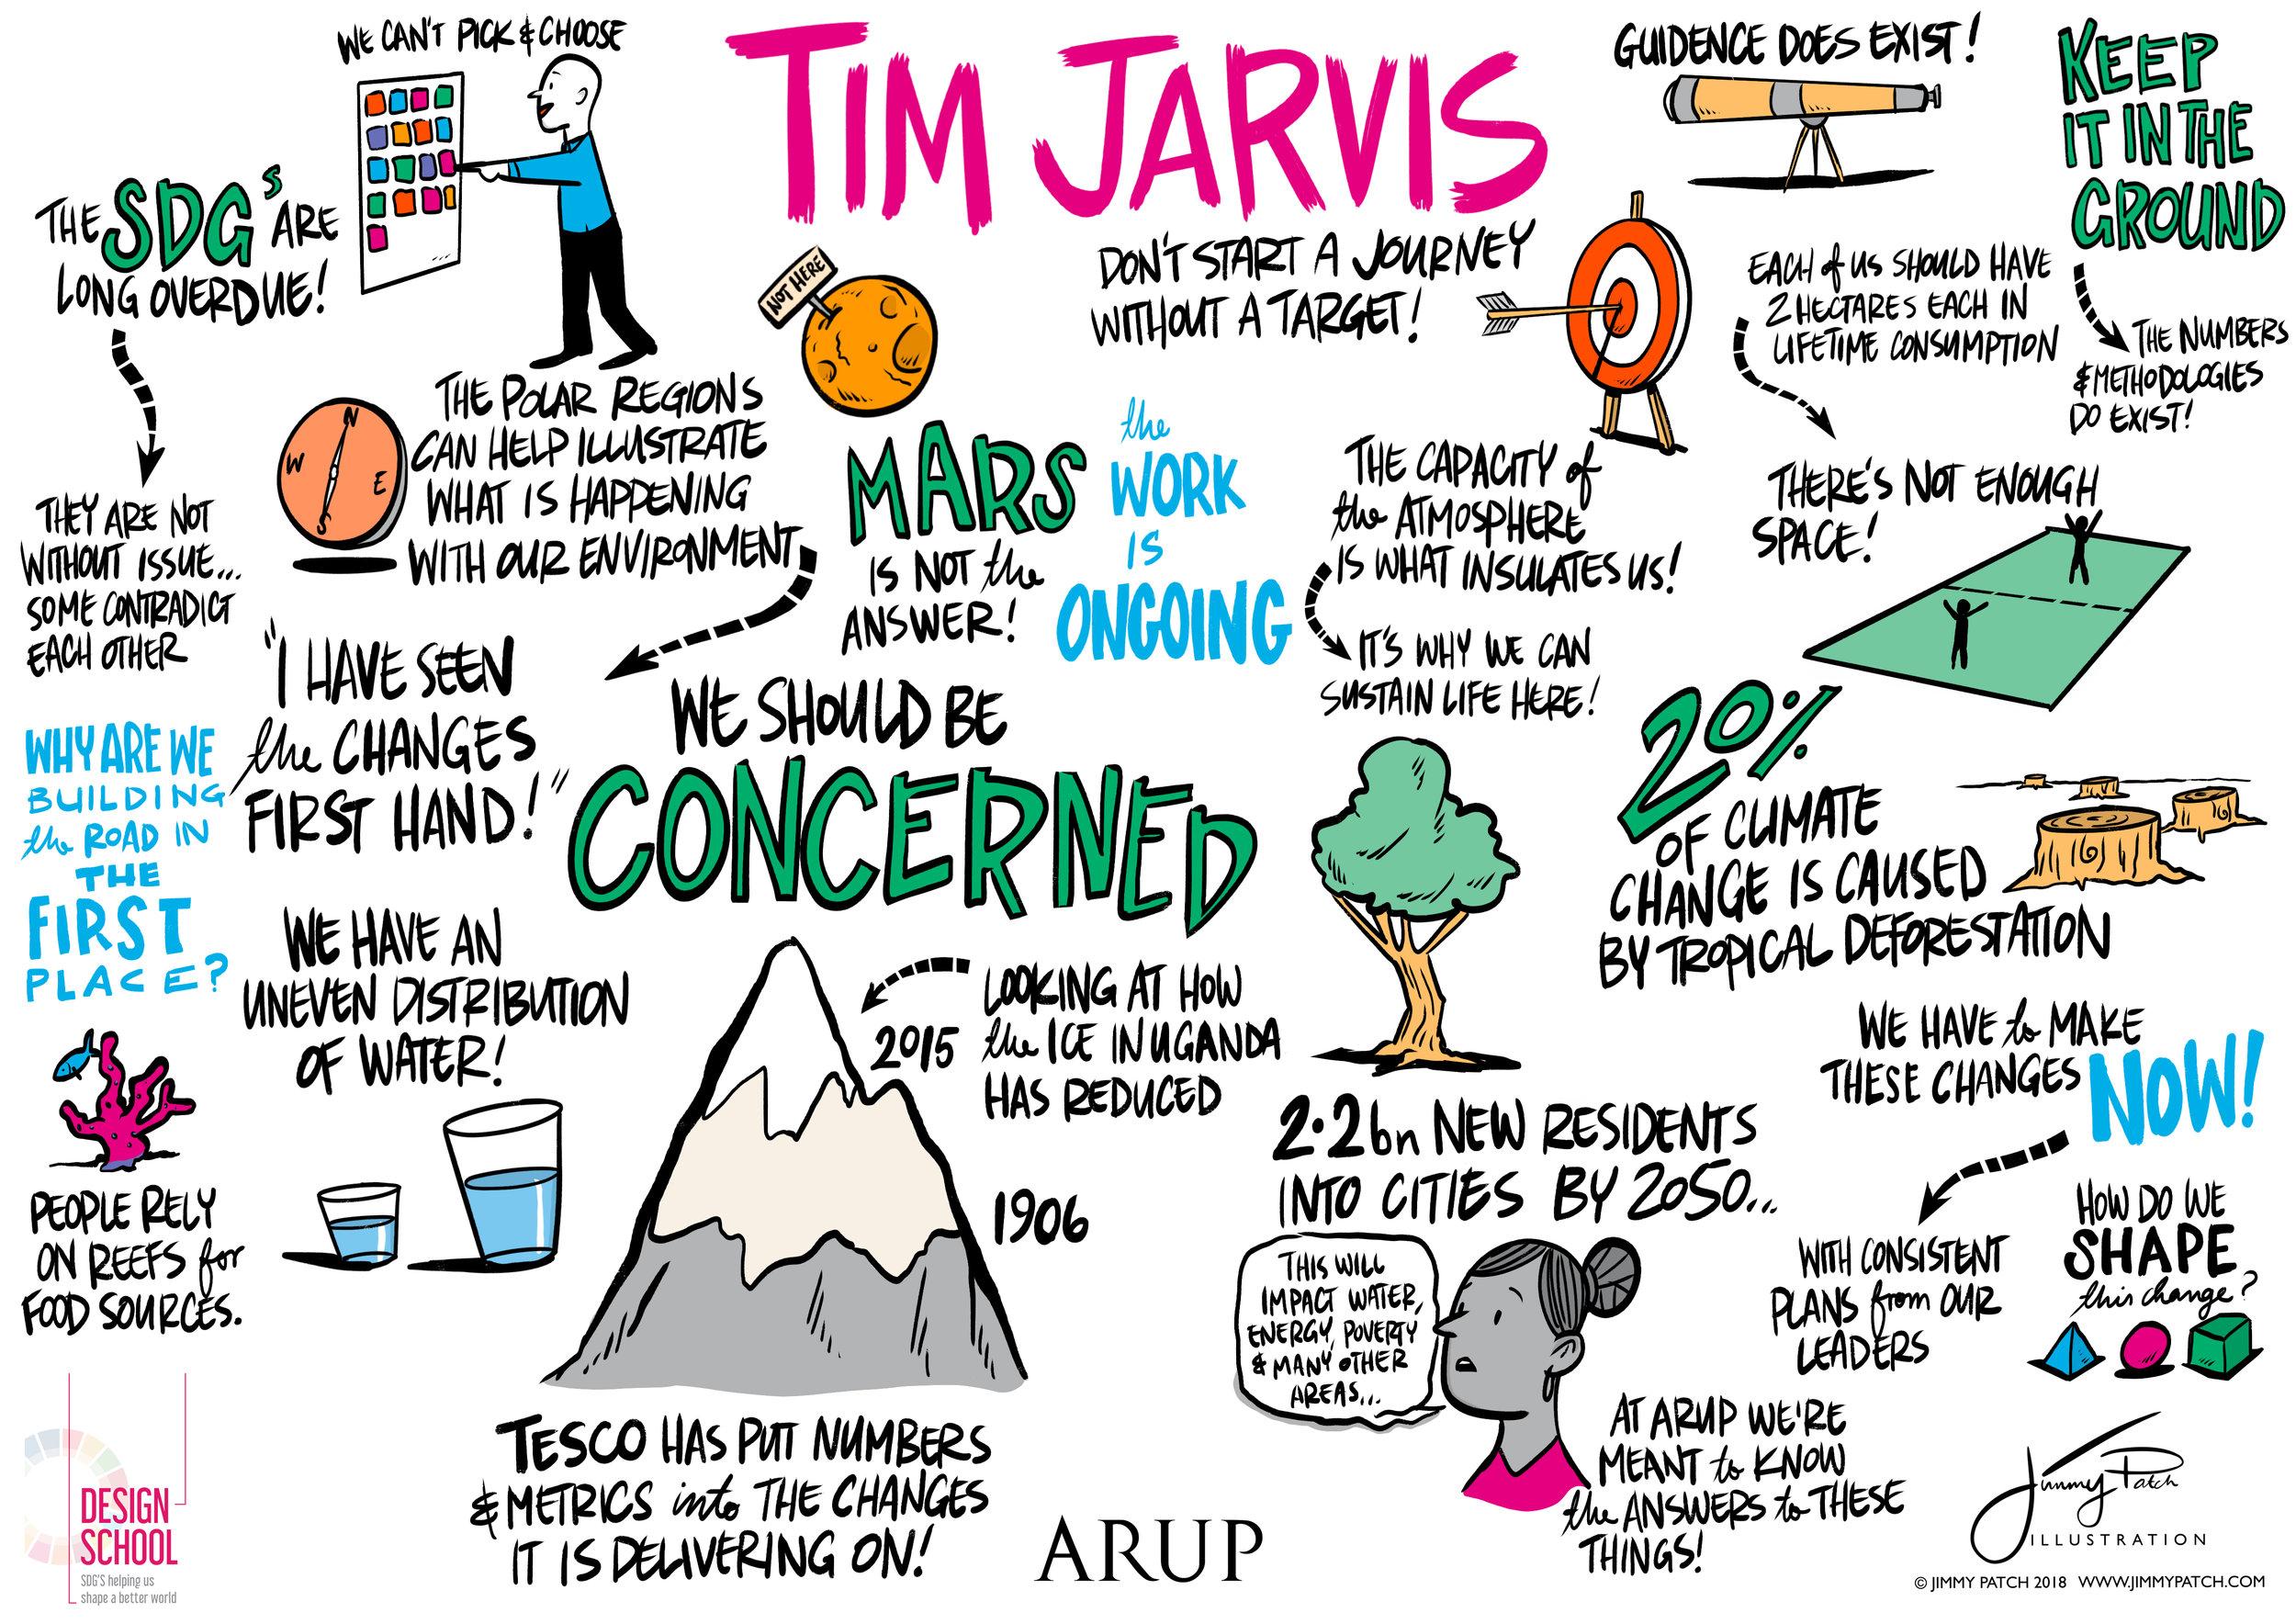 03_Keynote_Tim_Jarvis.jpg